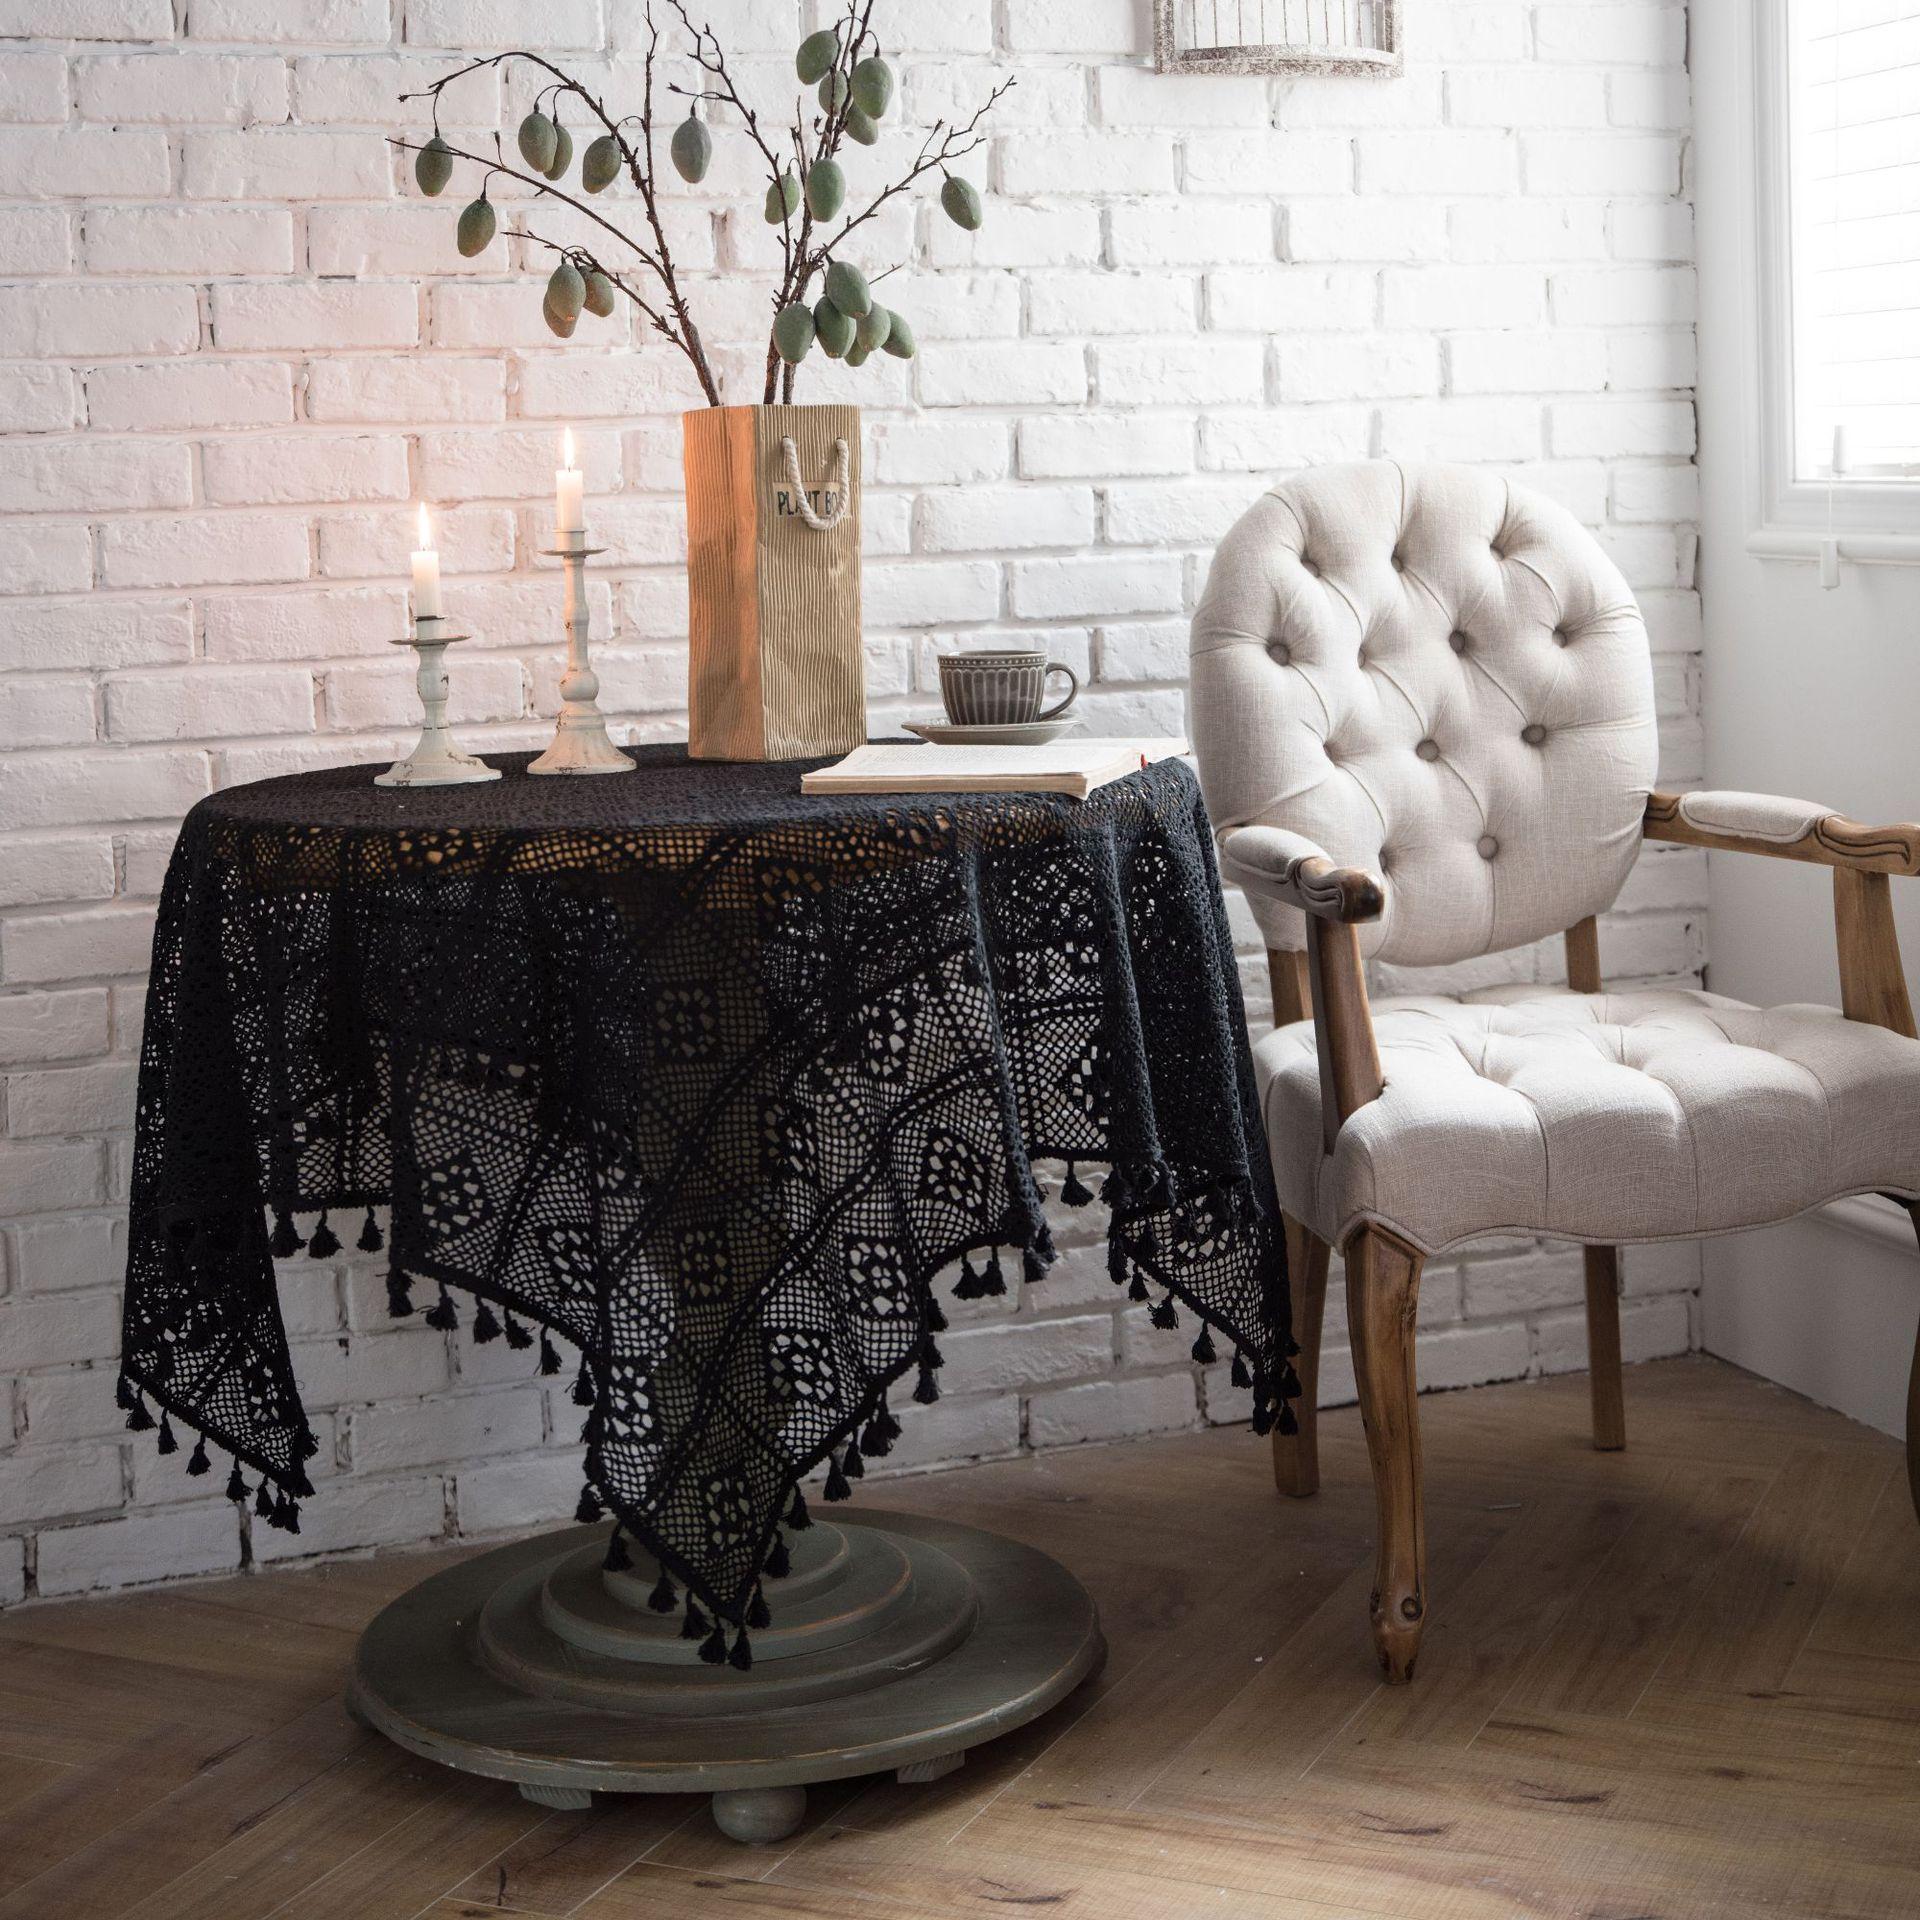 الرعوية اليدوية الكروشيه غطاء منشفة القطن مفرش المائدة مفرش المائدة مفرش المائدة مفرش المائدة مفرش البيانو الدعائم اطلاق النار